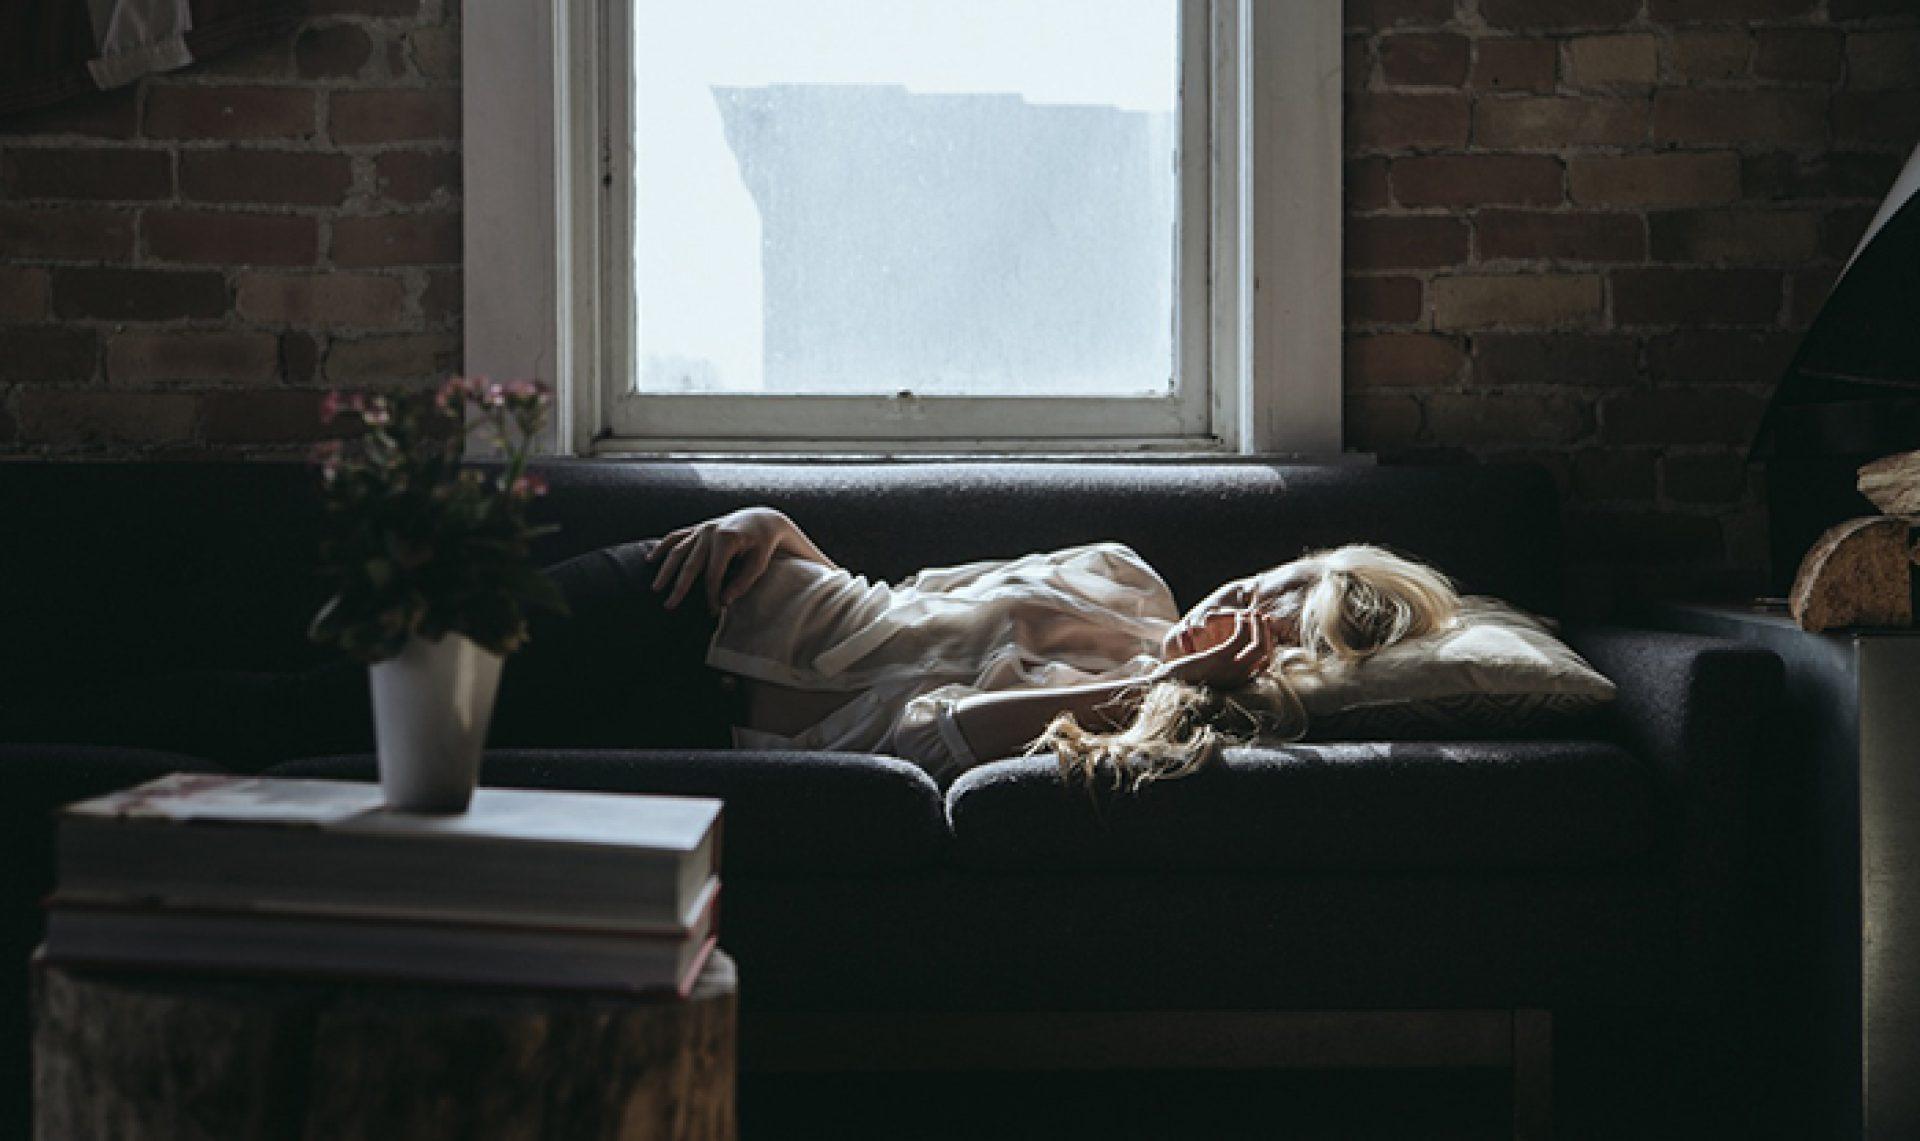 migraine stigma